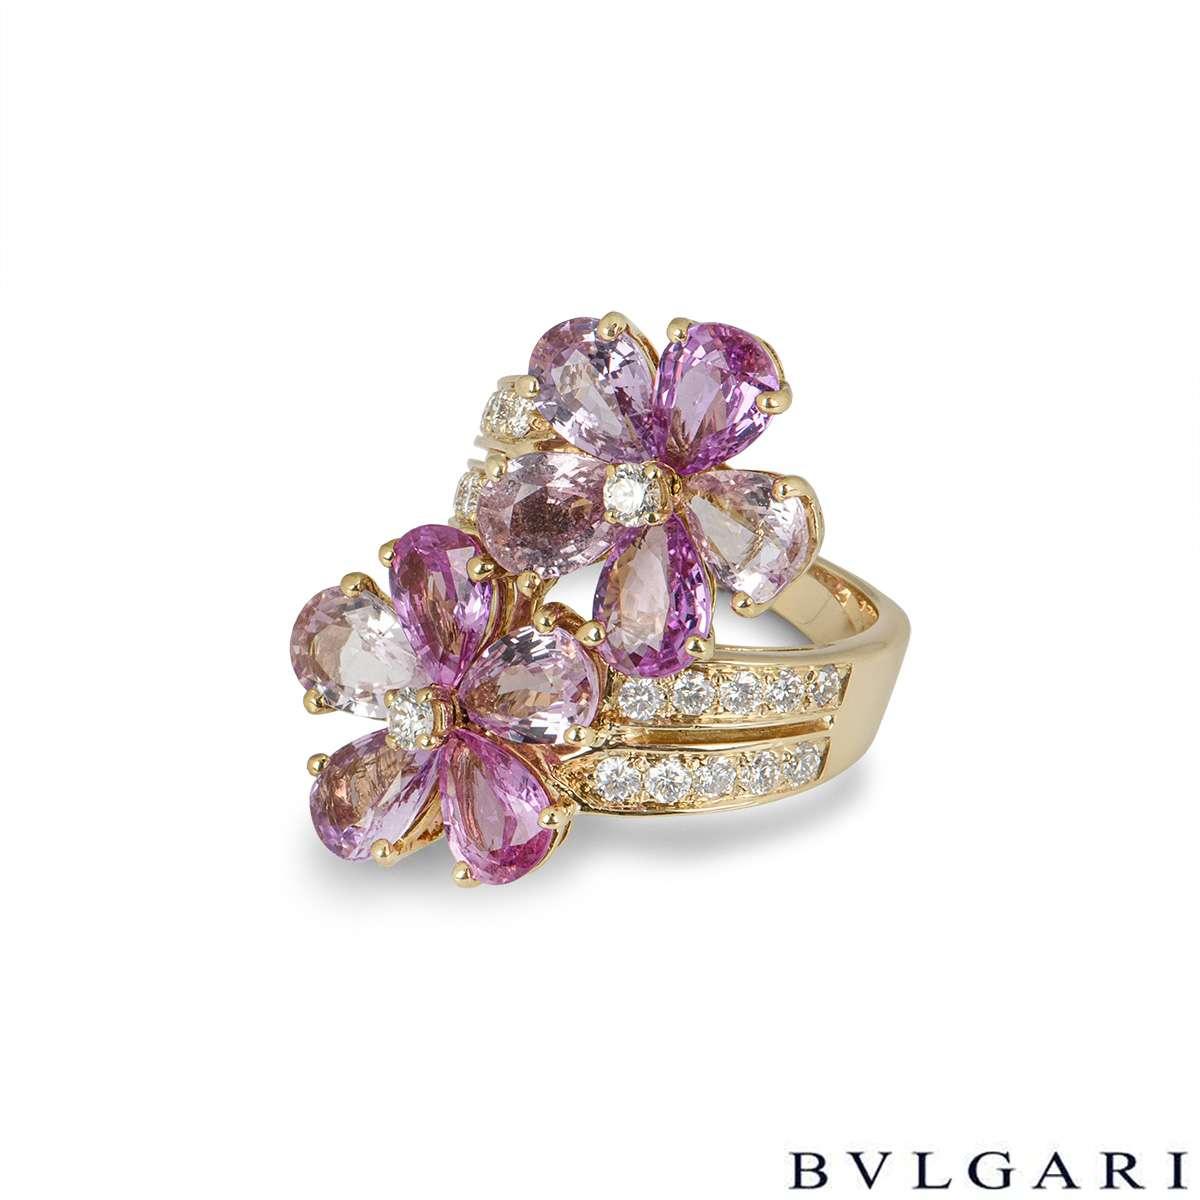 Bvlgari Yellow Gold Diamond Sapphire Flower Ring